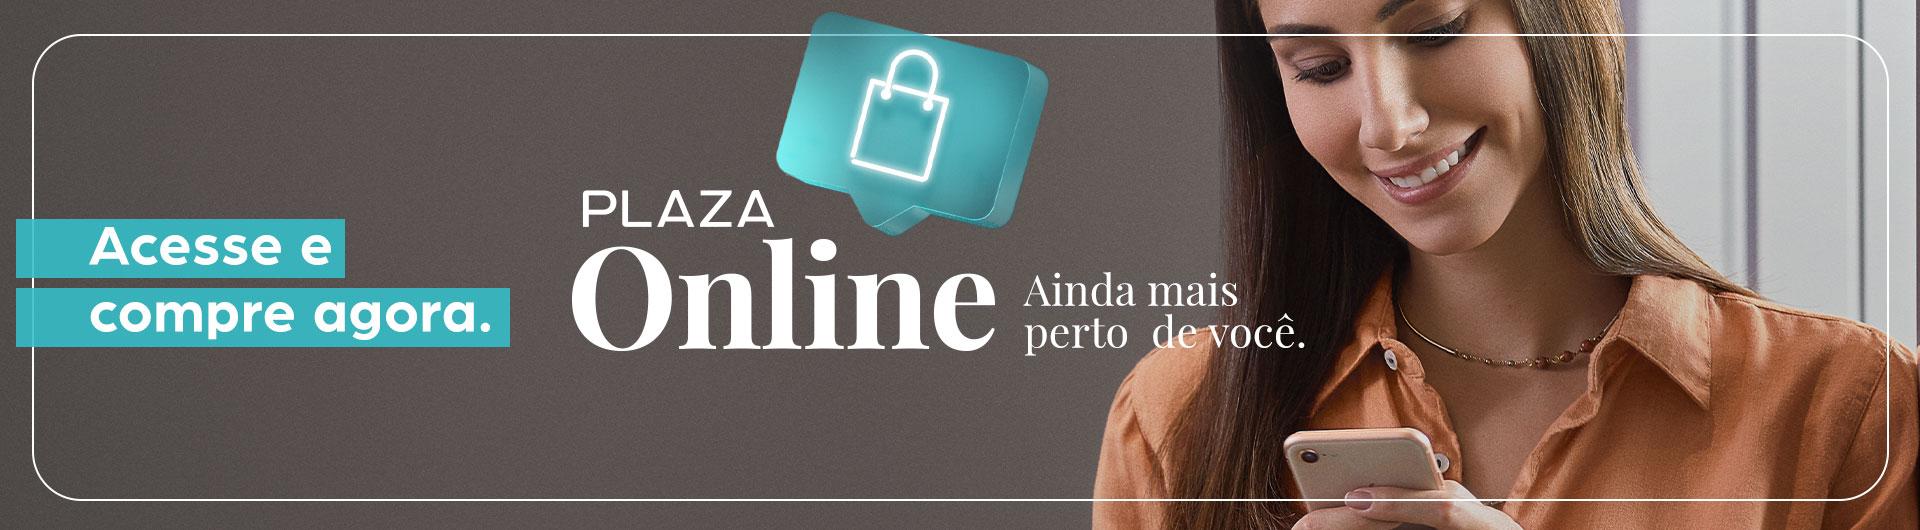 Compre online com frete grátis